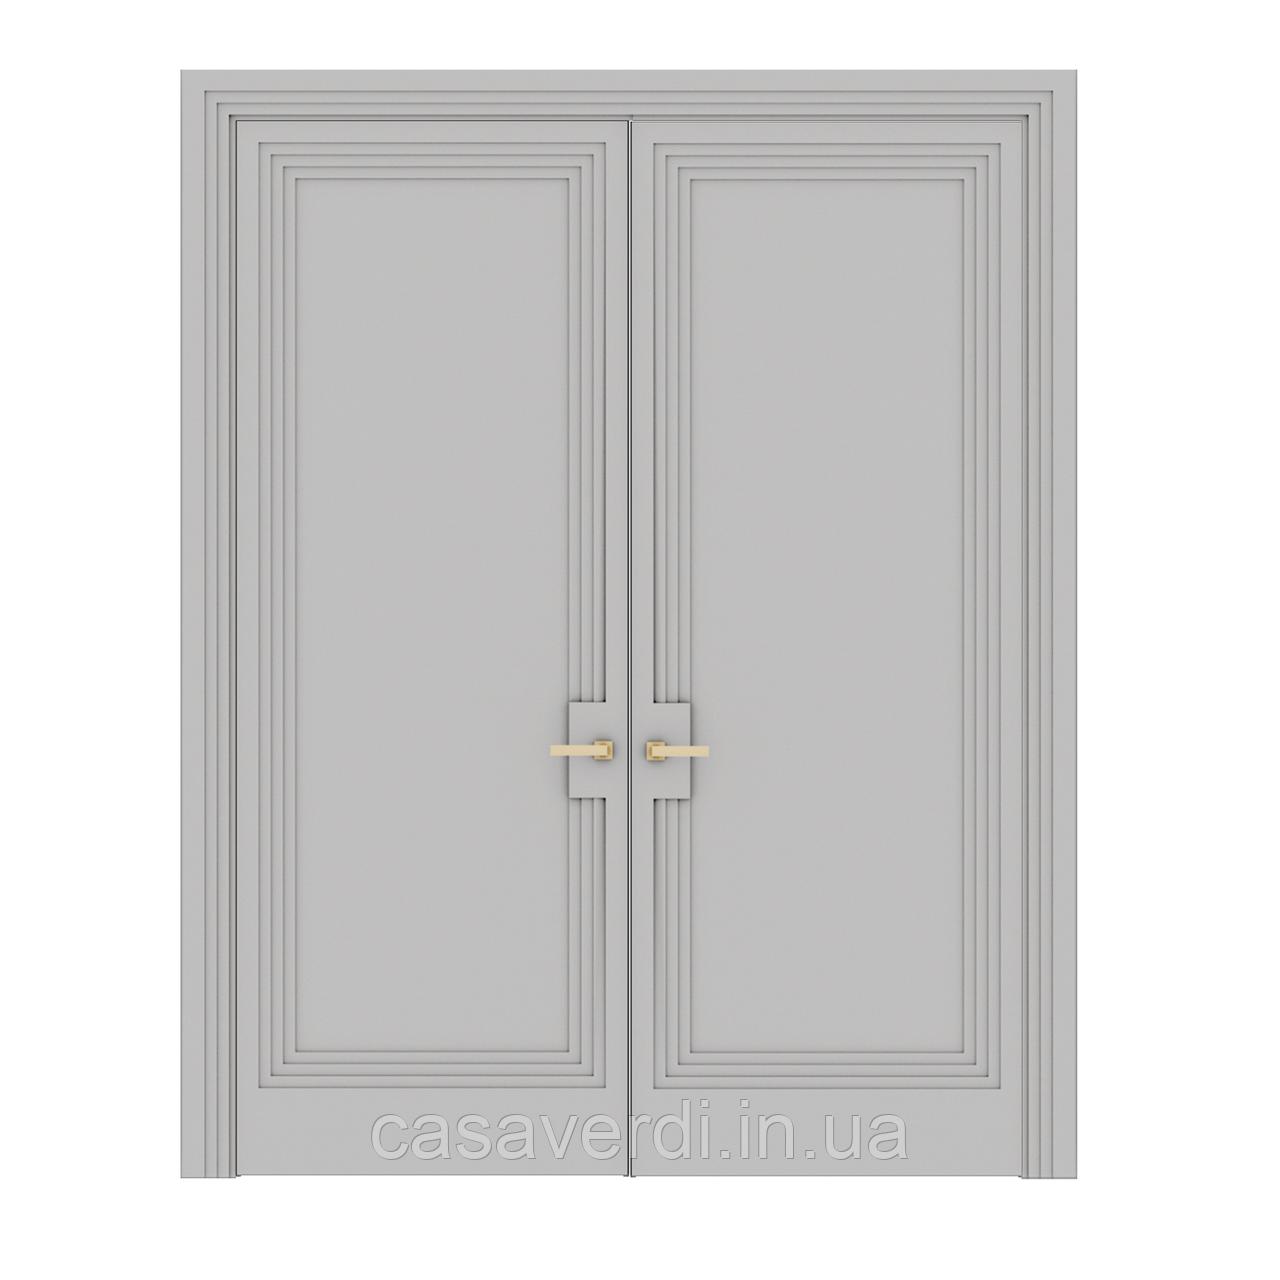 Міжкімнатні двері Casa Verdi Portale 1 МДФ подвійна розпашна